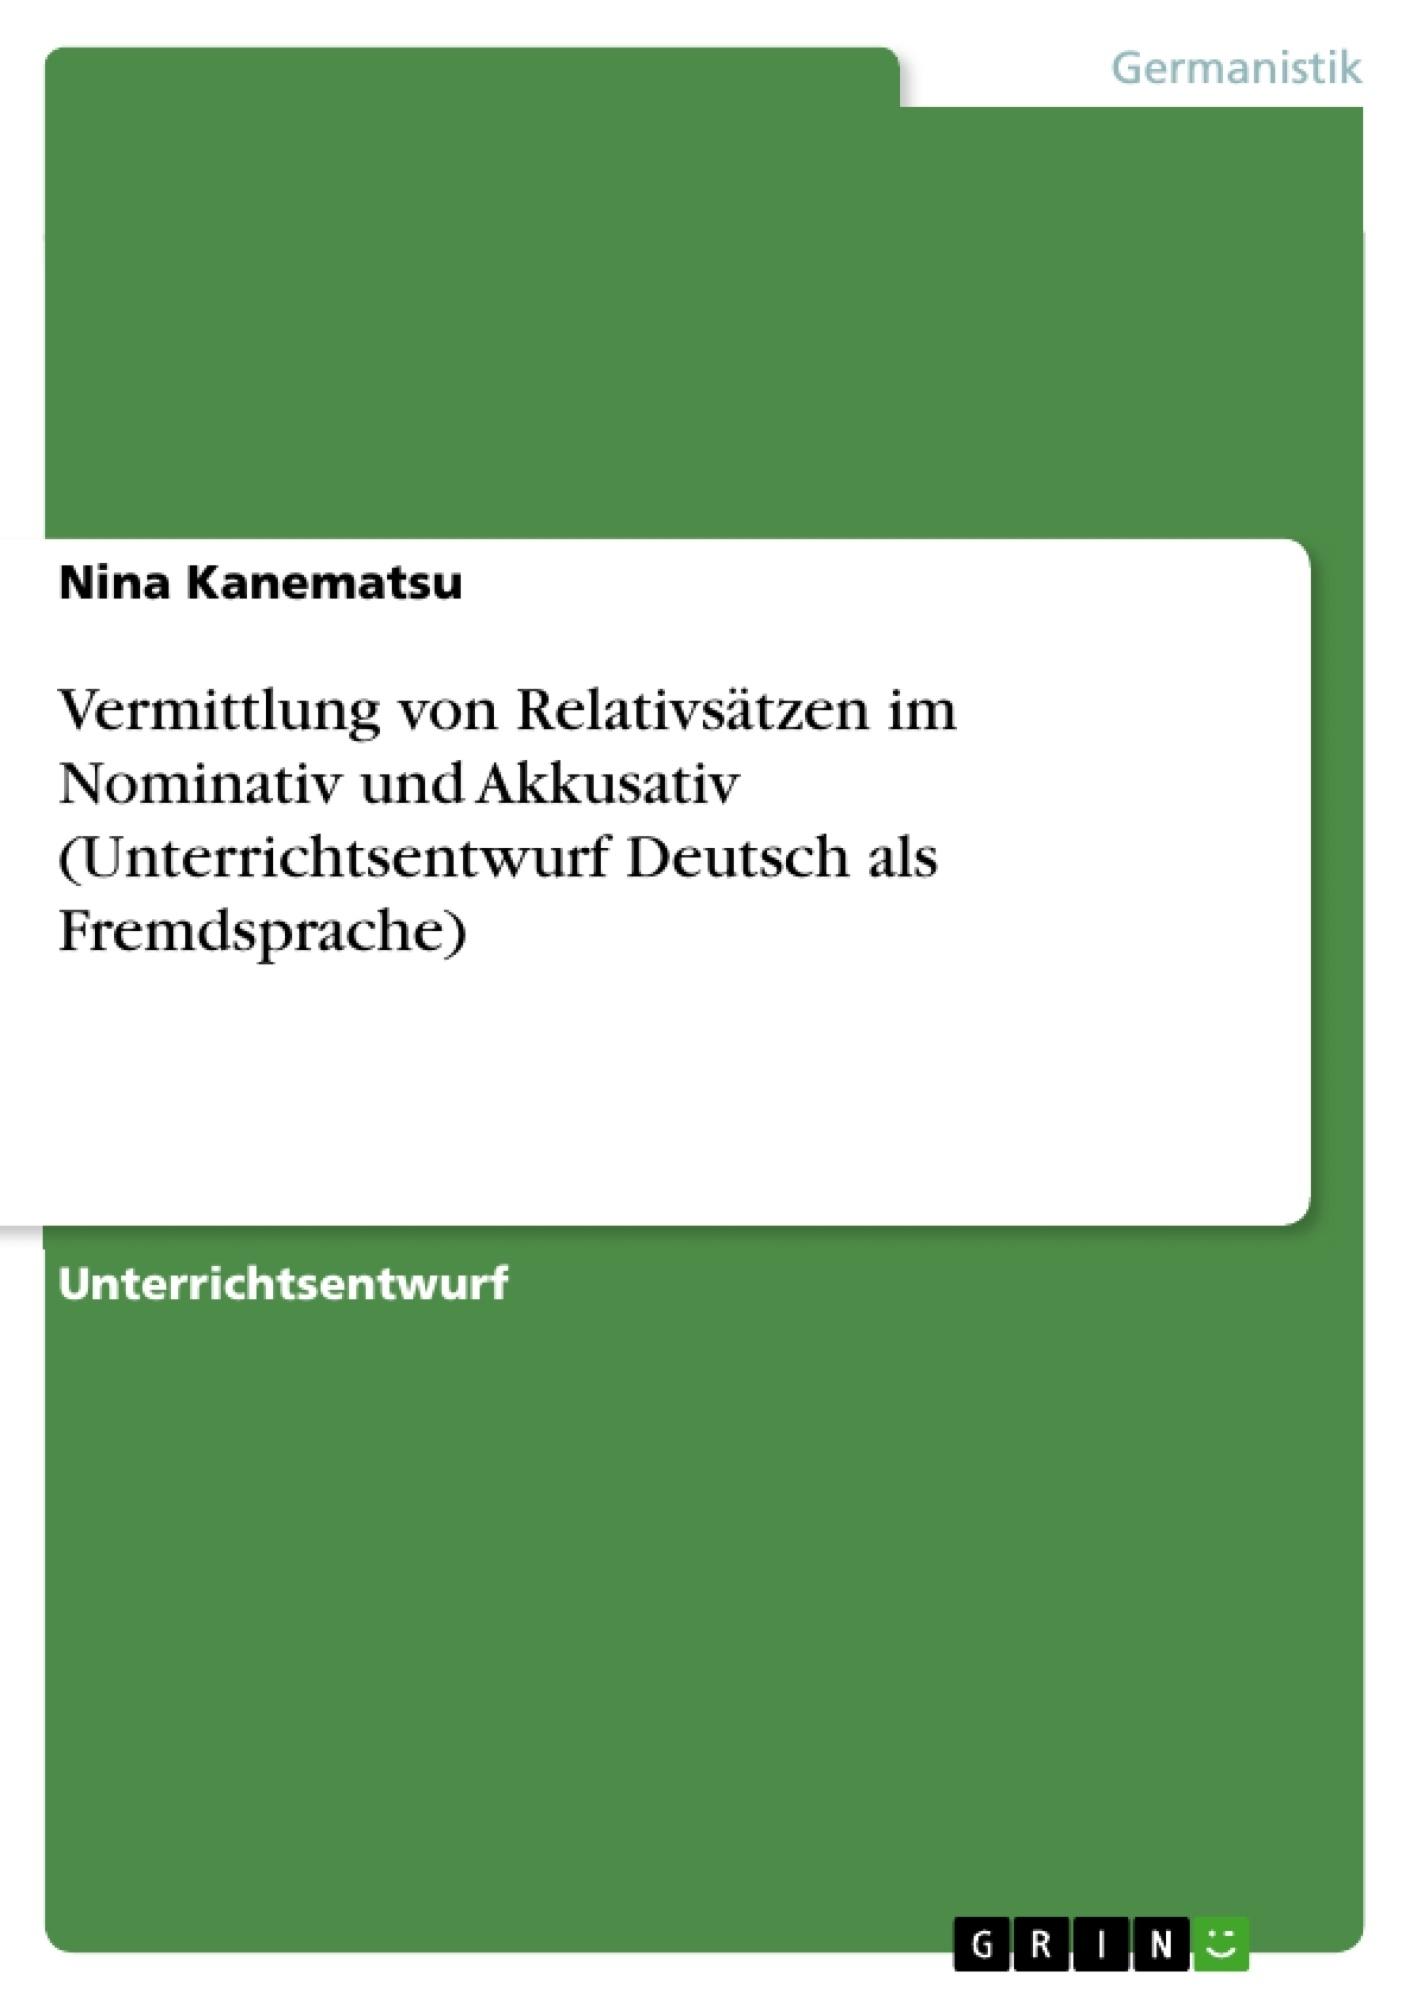 Titel: Vermittlung von Relativsätzen im Nominativ und Akkusativ (Unterrichtsentwurf Deutsch als Fremdsprache)